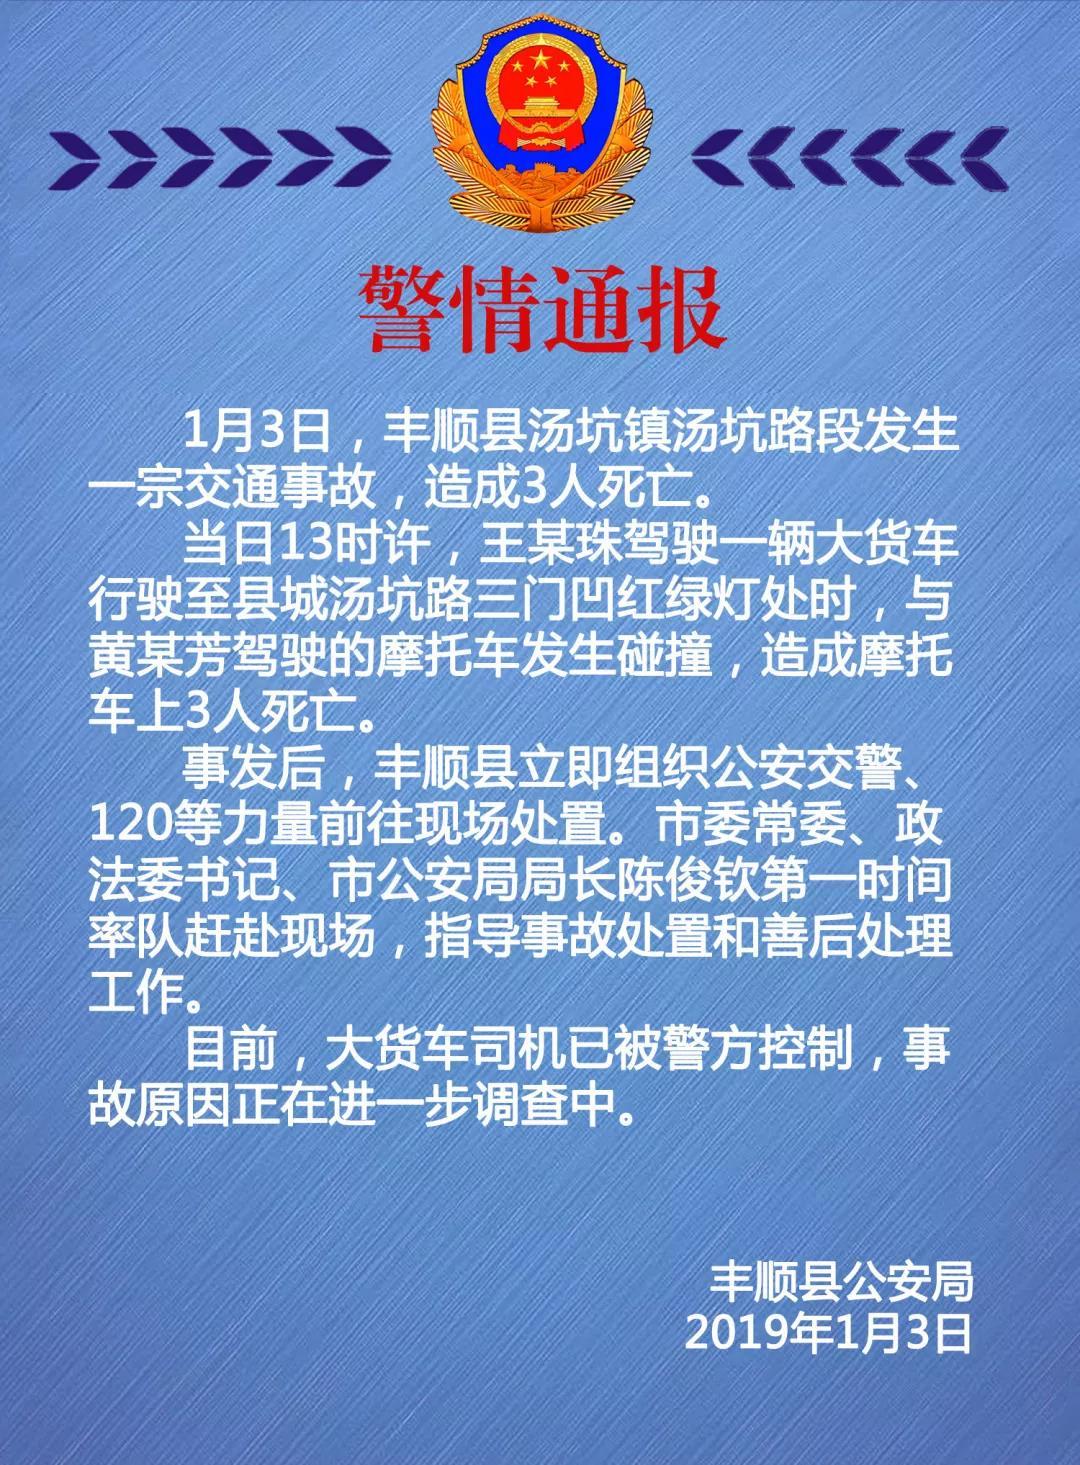 广东丰顺县大货车与摩托车相撞 现场3人死亡